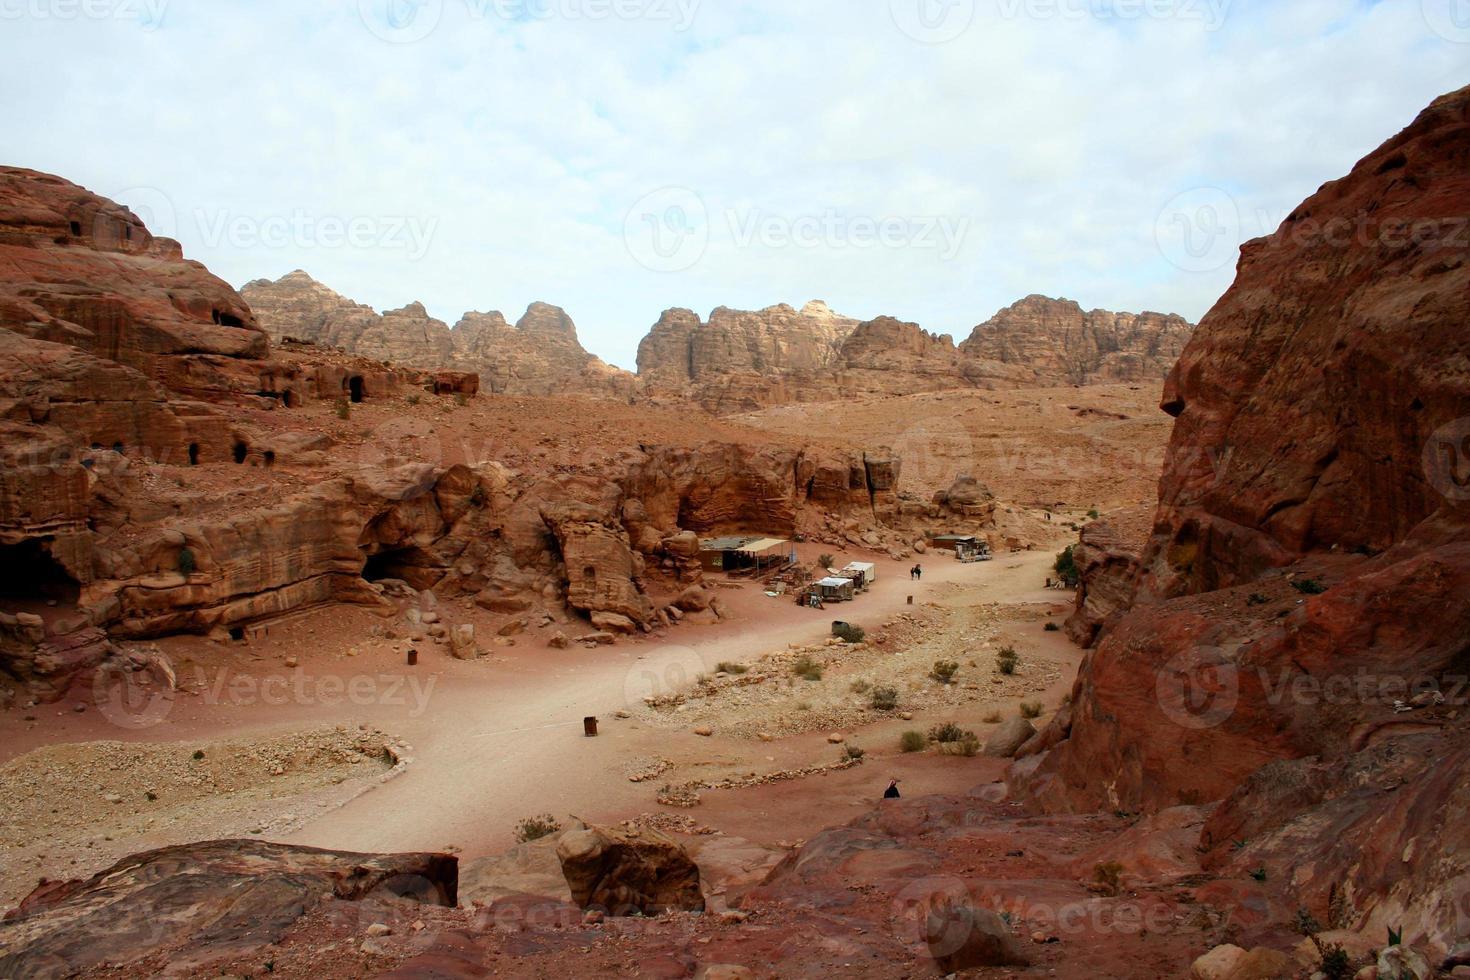 tombe scolpite nell'arenaria rossa di petra, in giordania foto